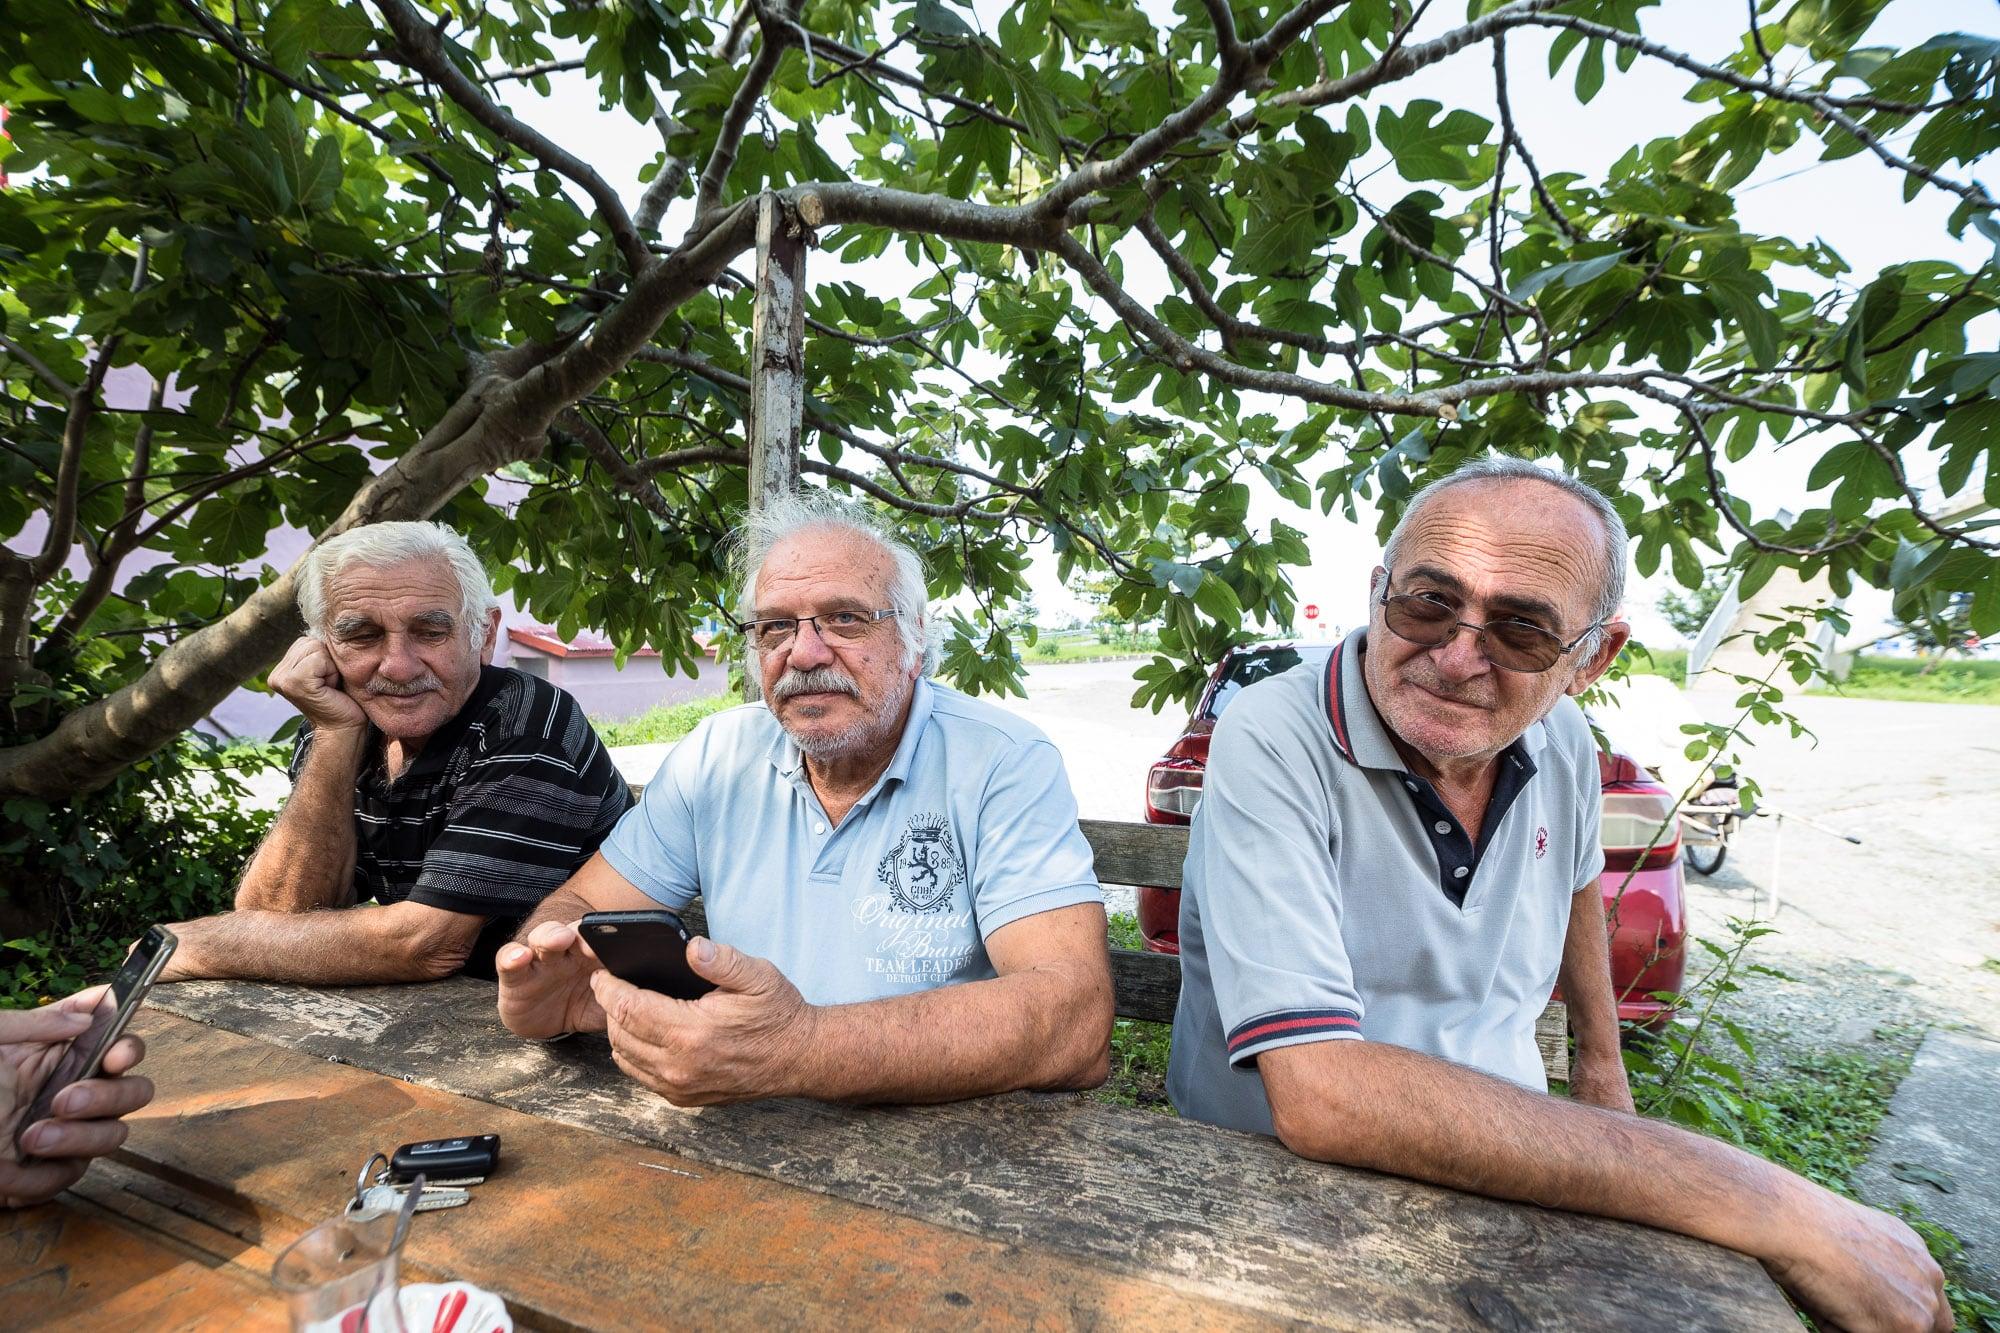 Erkan's friends